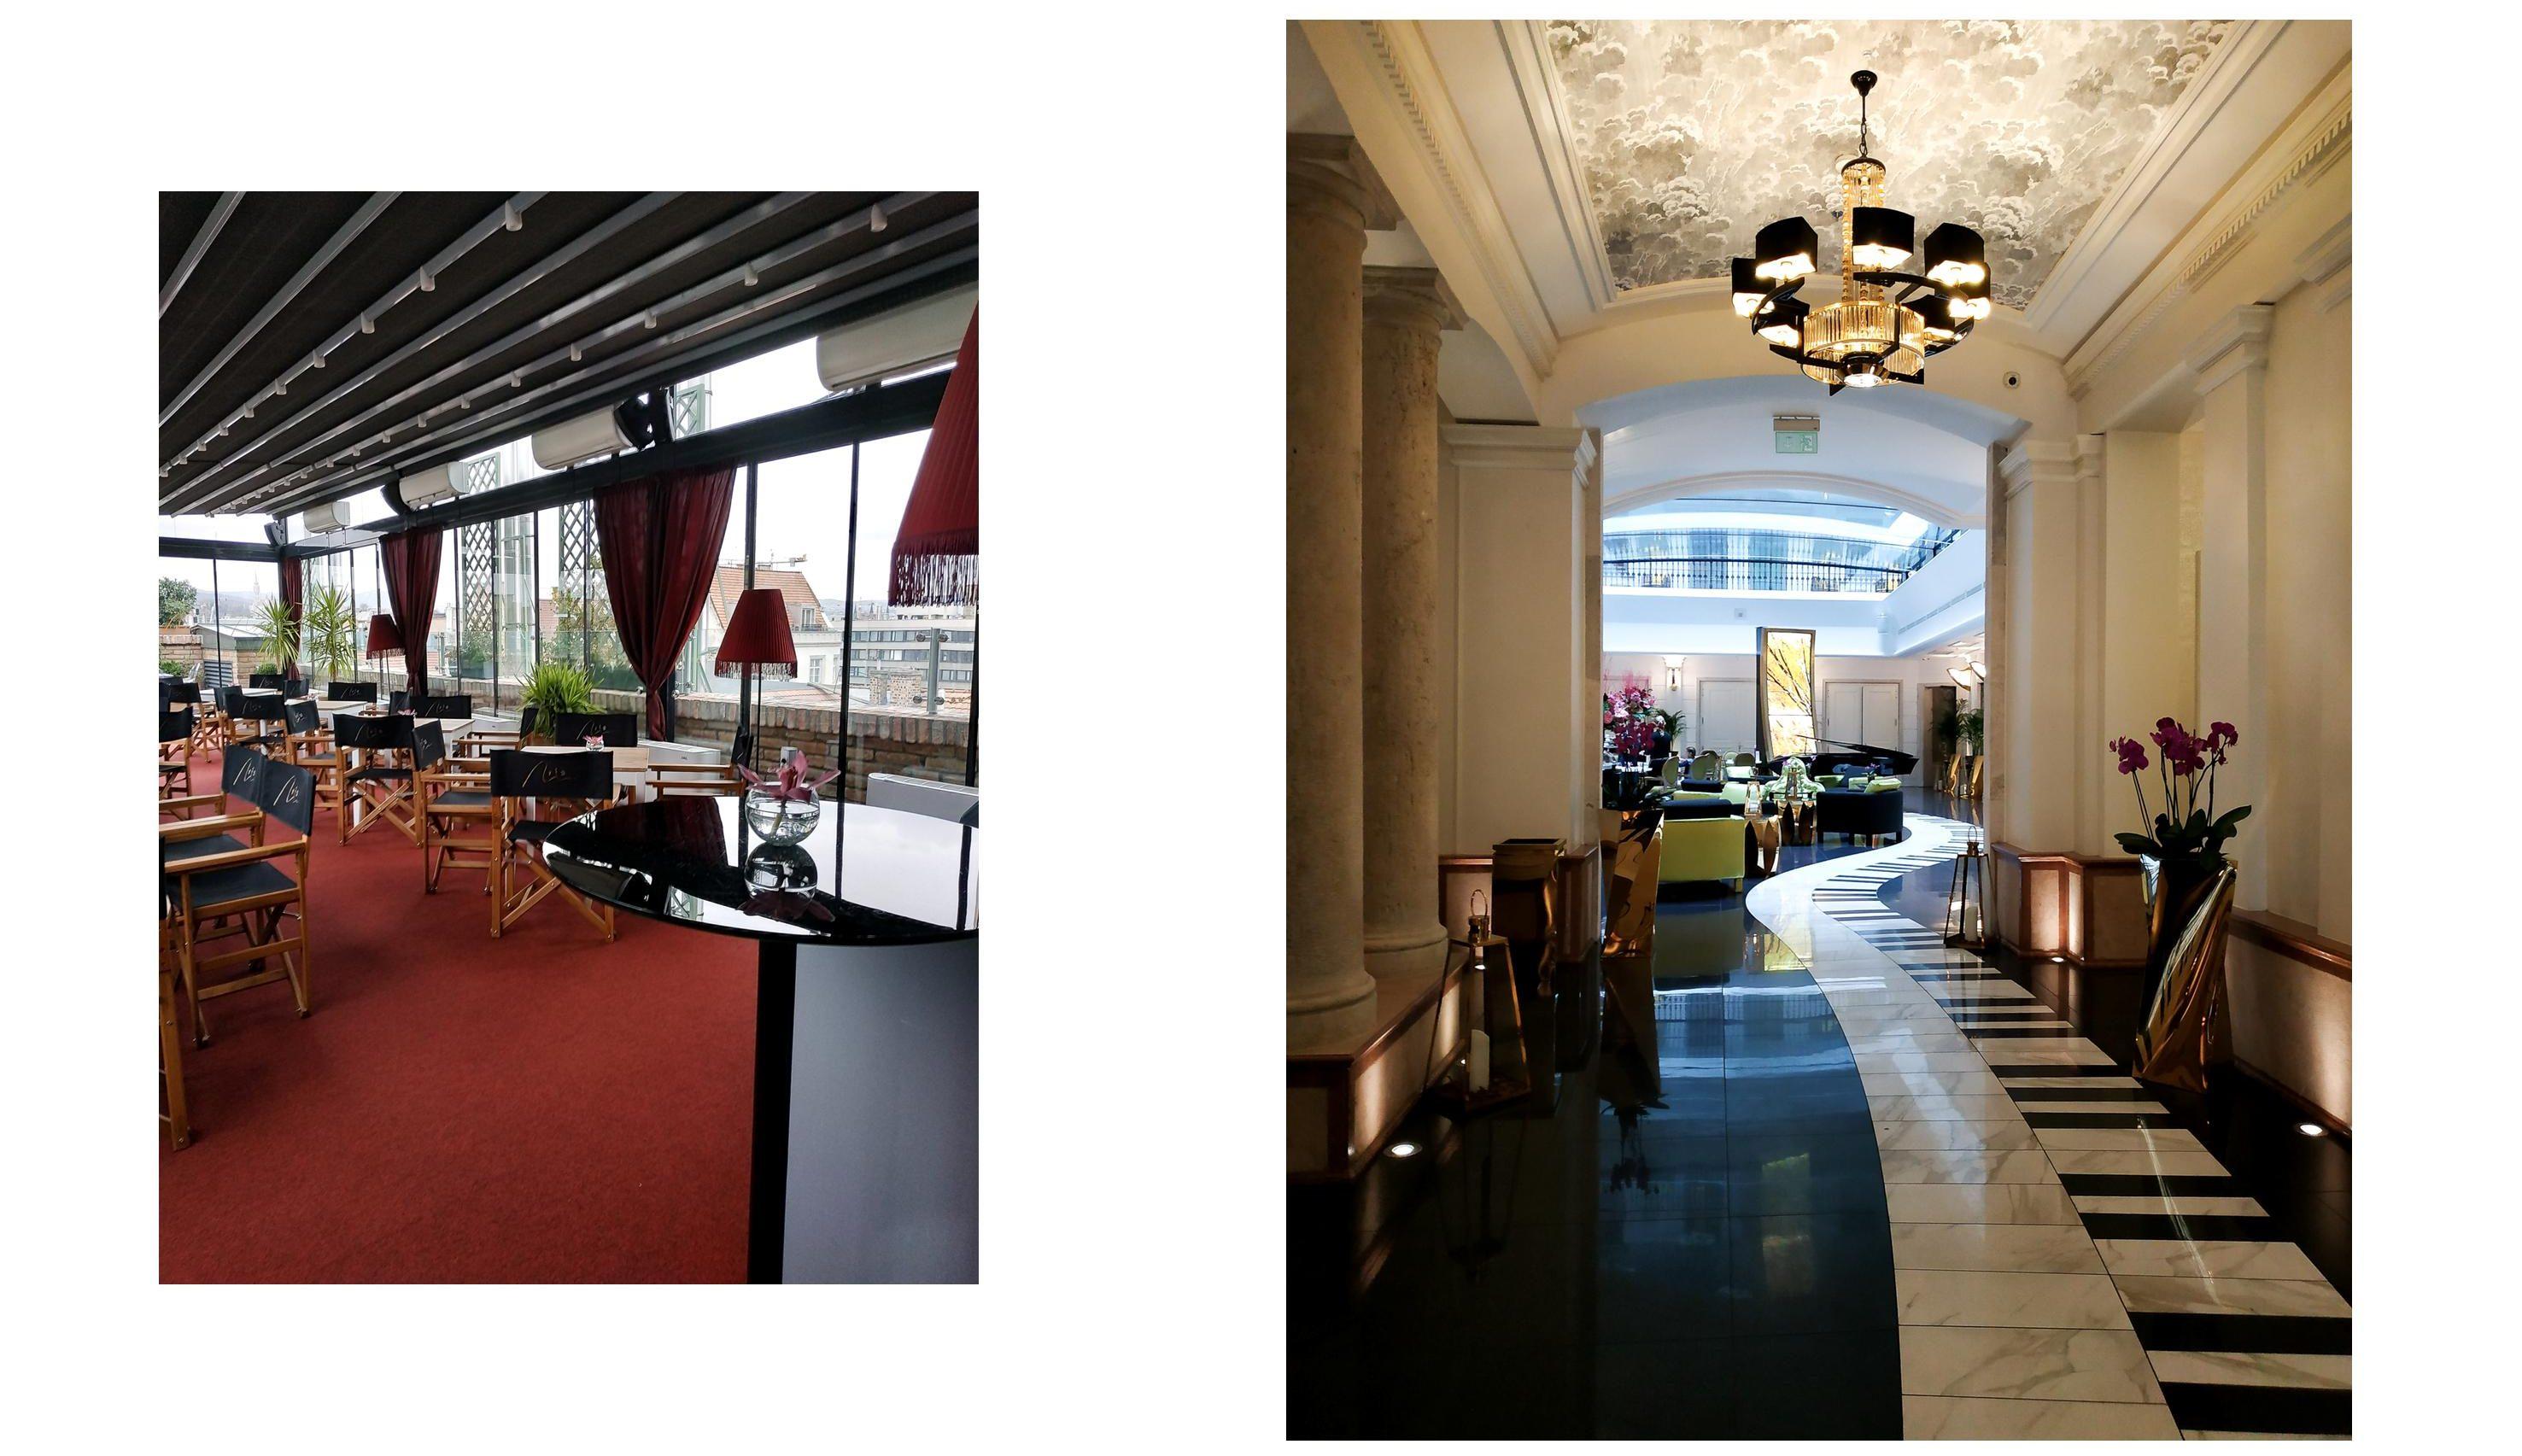 High Note Skybar : Restaurants, bars, cafés, ... voici un petit guide des bonnes adresses à Budapest pour vous aider lors de votre séjour dans la capitale hongroise.